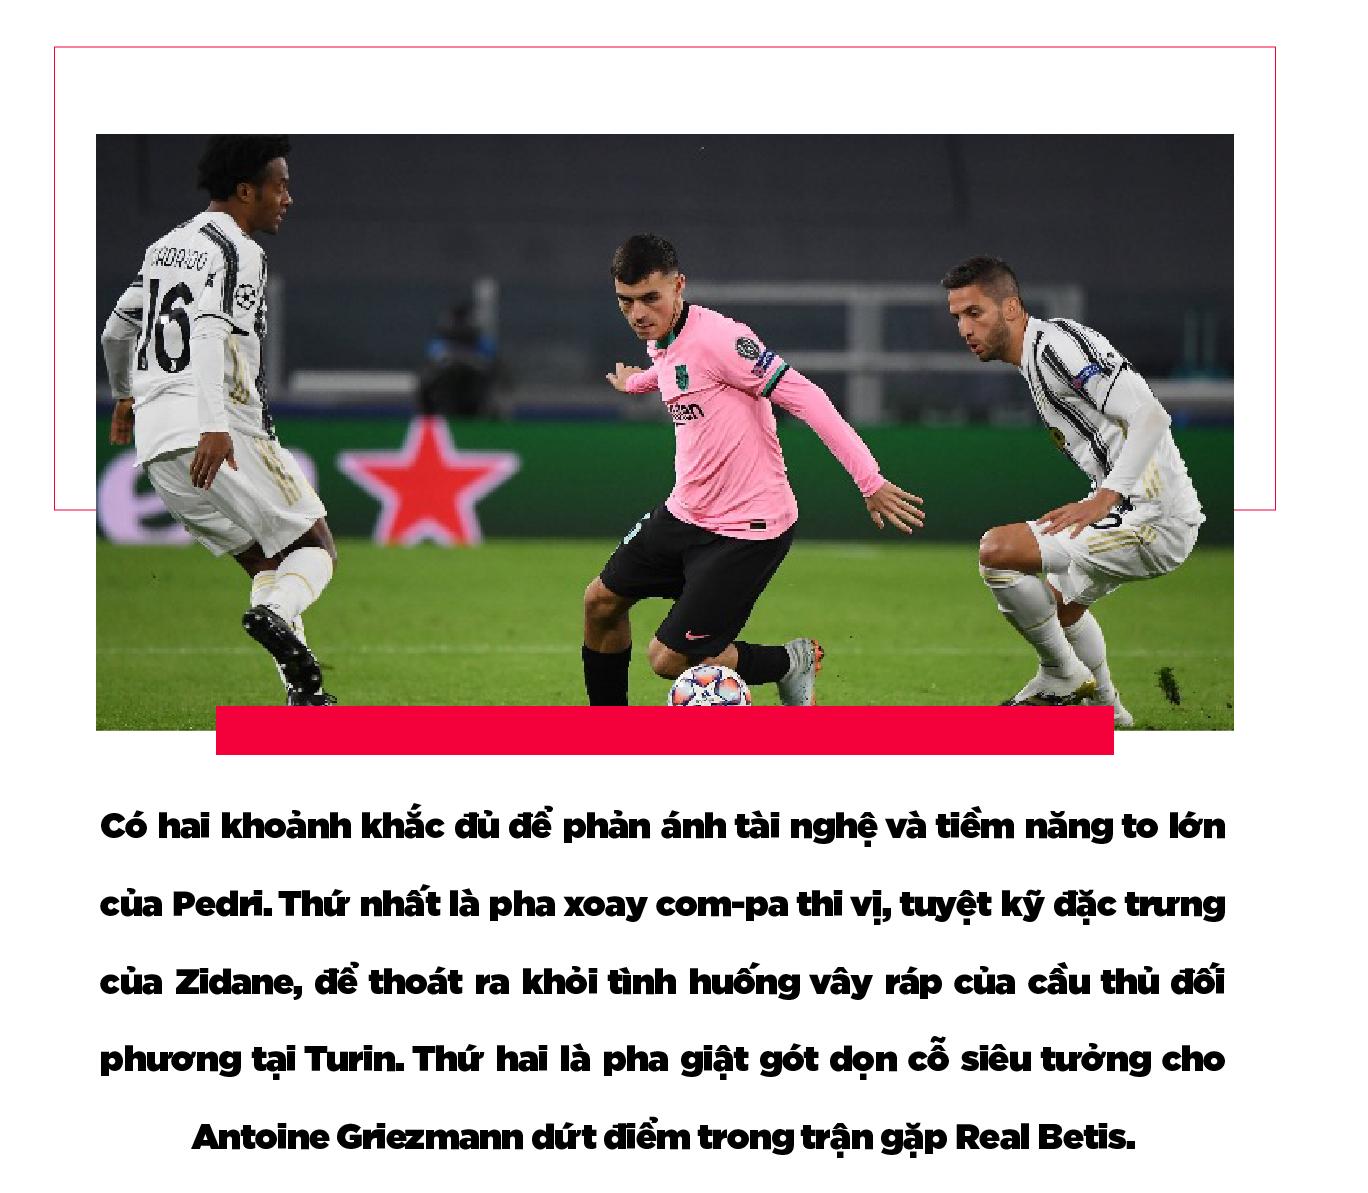 Pedri: Thiên ý kế vị Xavi-Iniesta và niềm hy vọng cứu rỗi Barca - Ảnh 4.